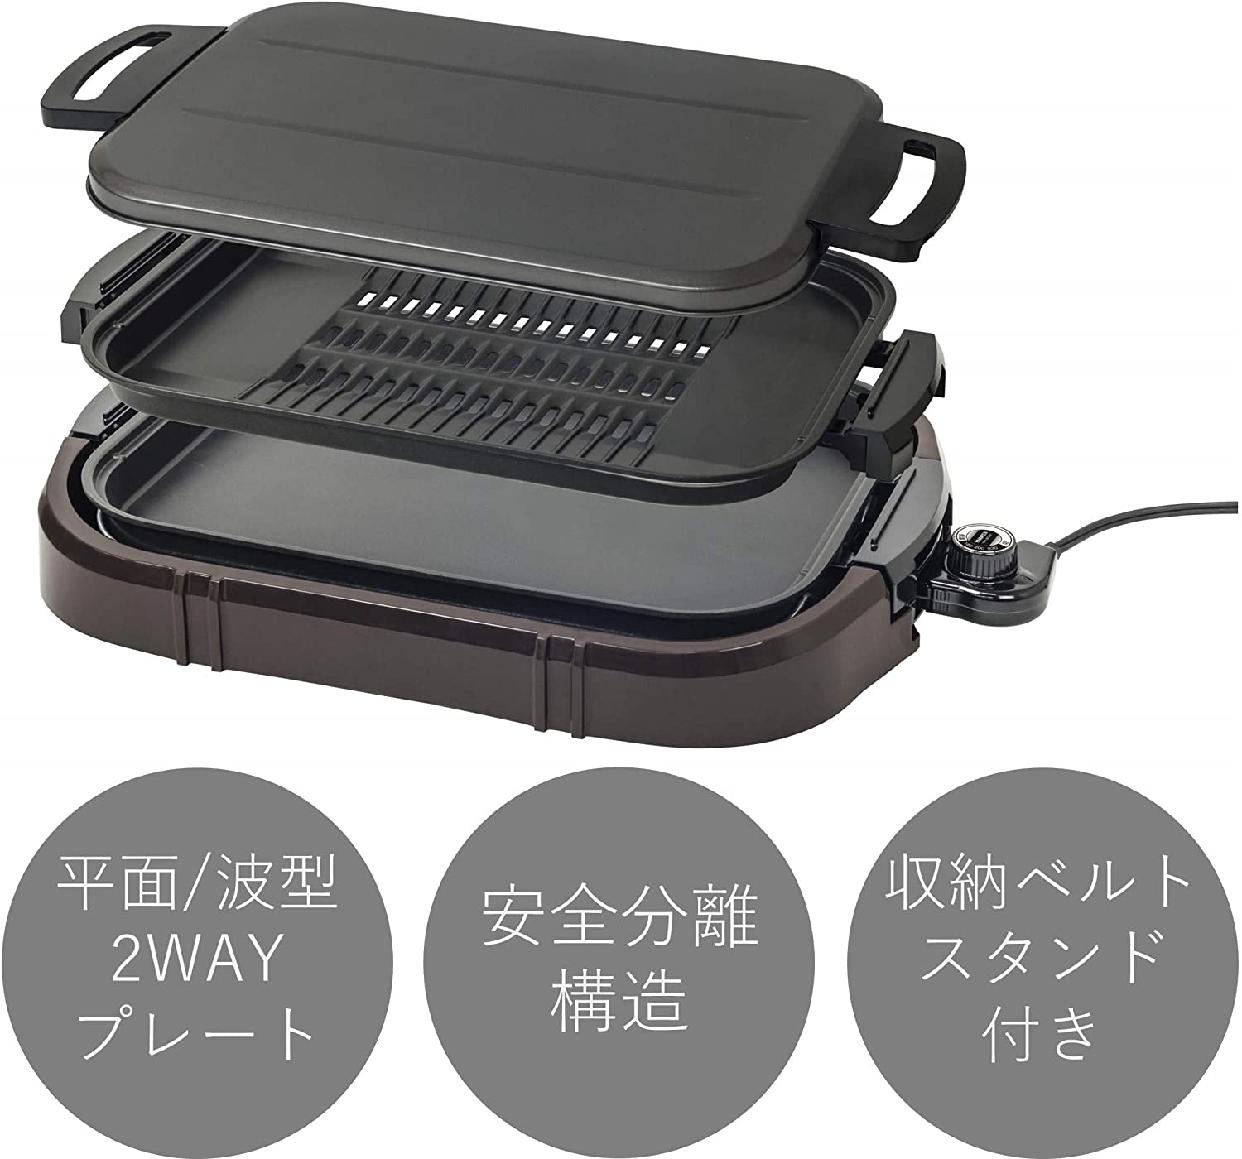 山善(YAMAZEN) ホットプレート YHF-W1301の商品画像3